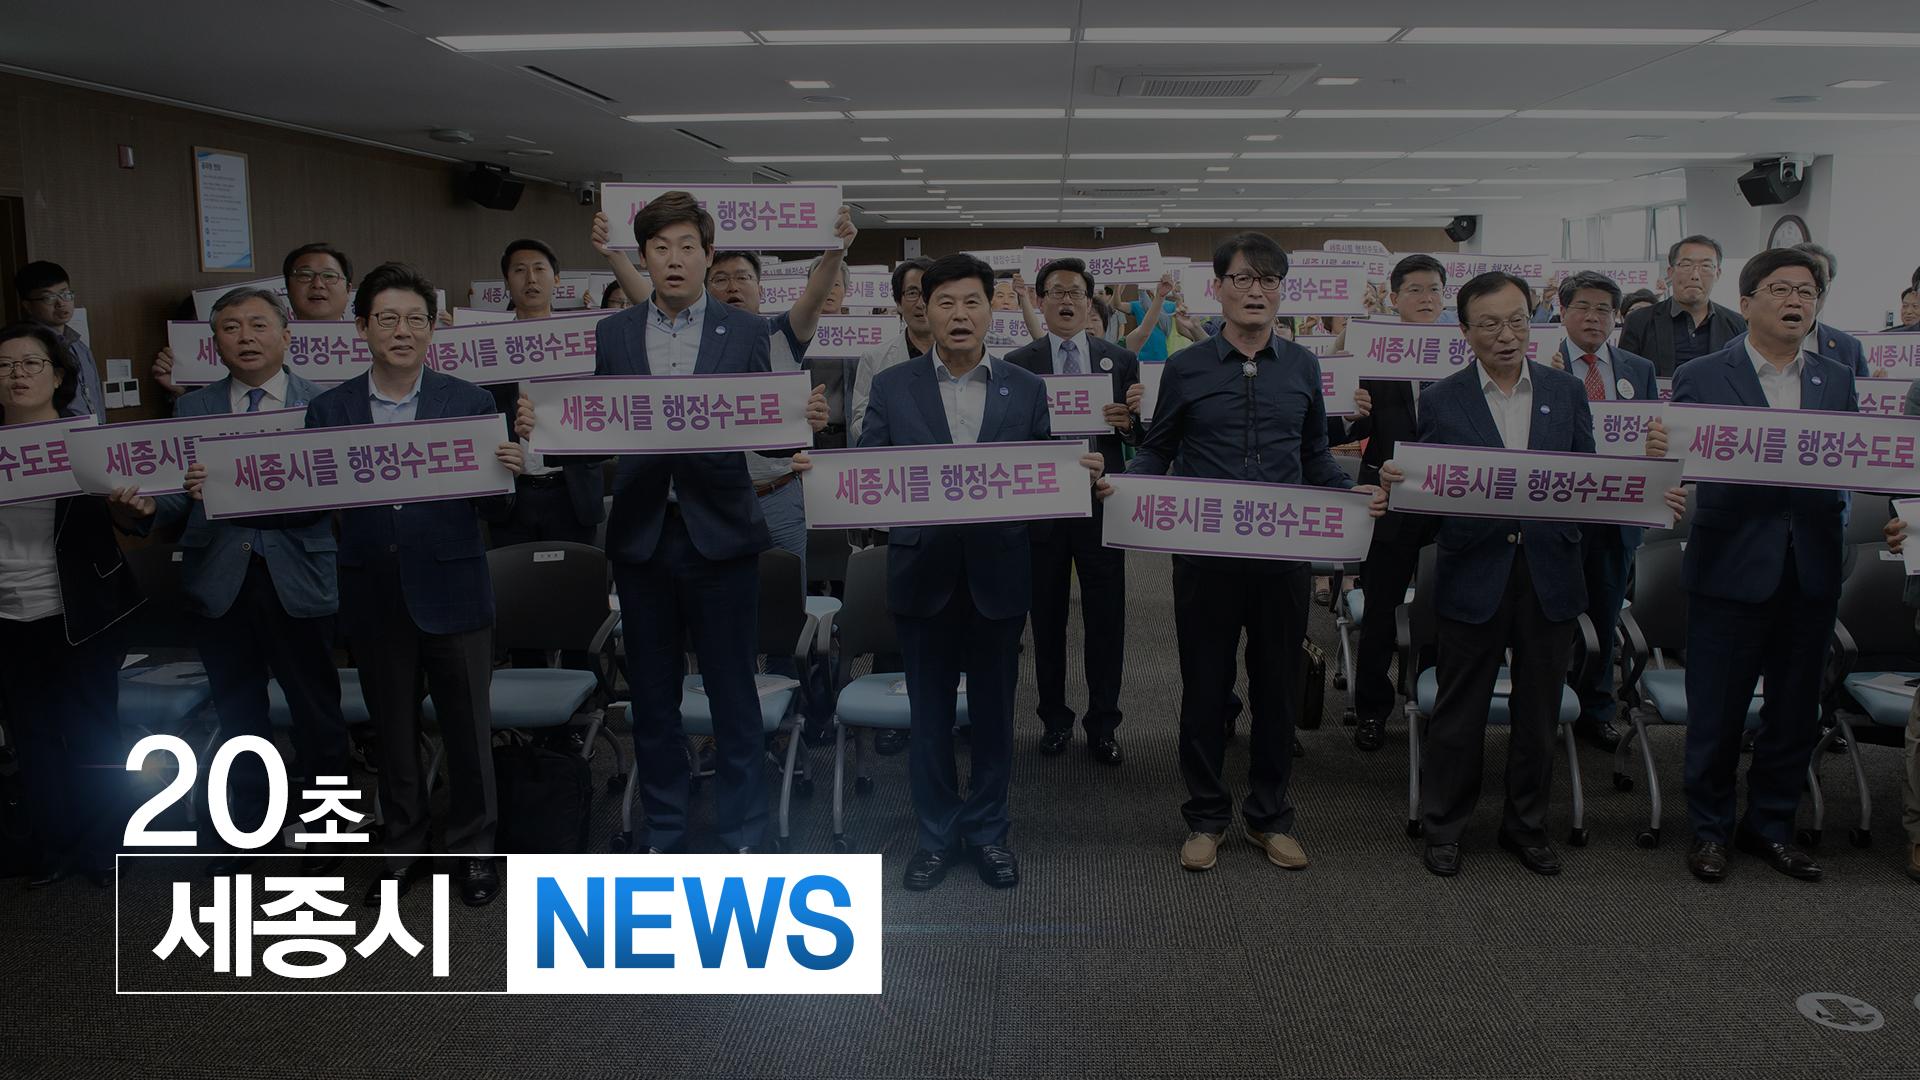 <20초뉴스> 세종시 행정수도, 자치분권